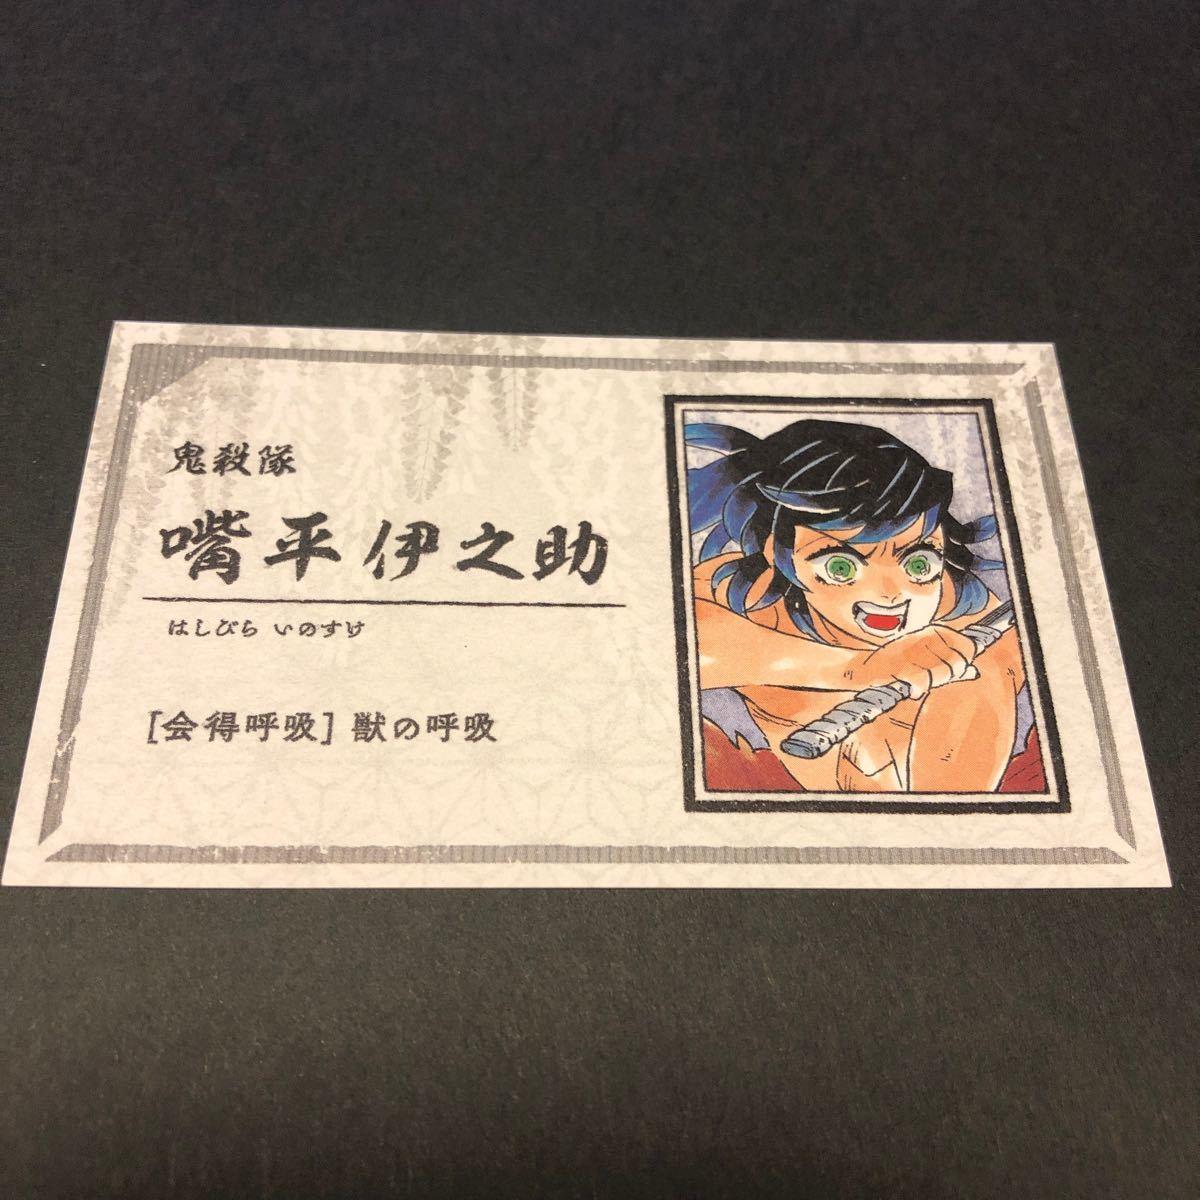 『 鬼滅の刃 』 名刺カードコレクション 第1弾 ● 嘴平伊之助 ☆国内正規品☆